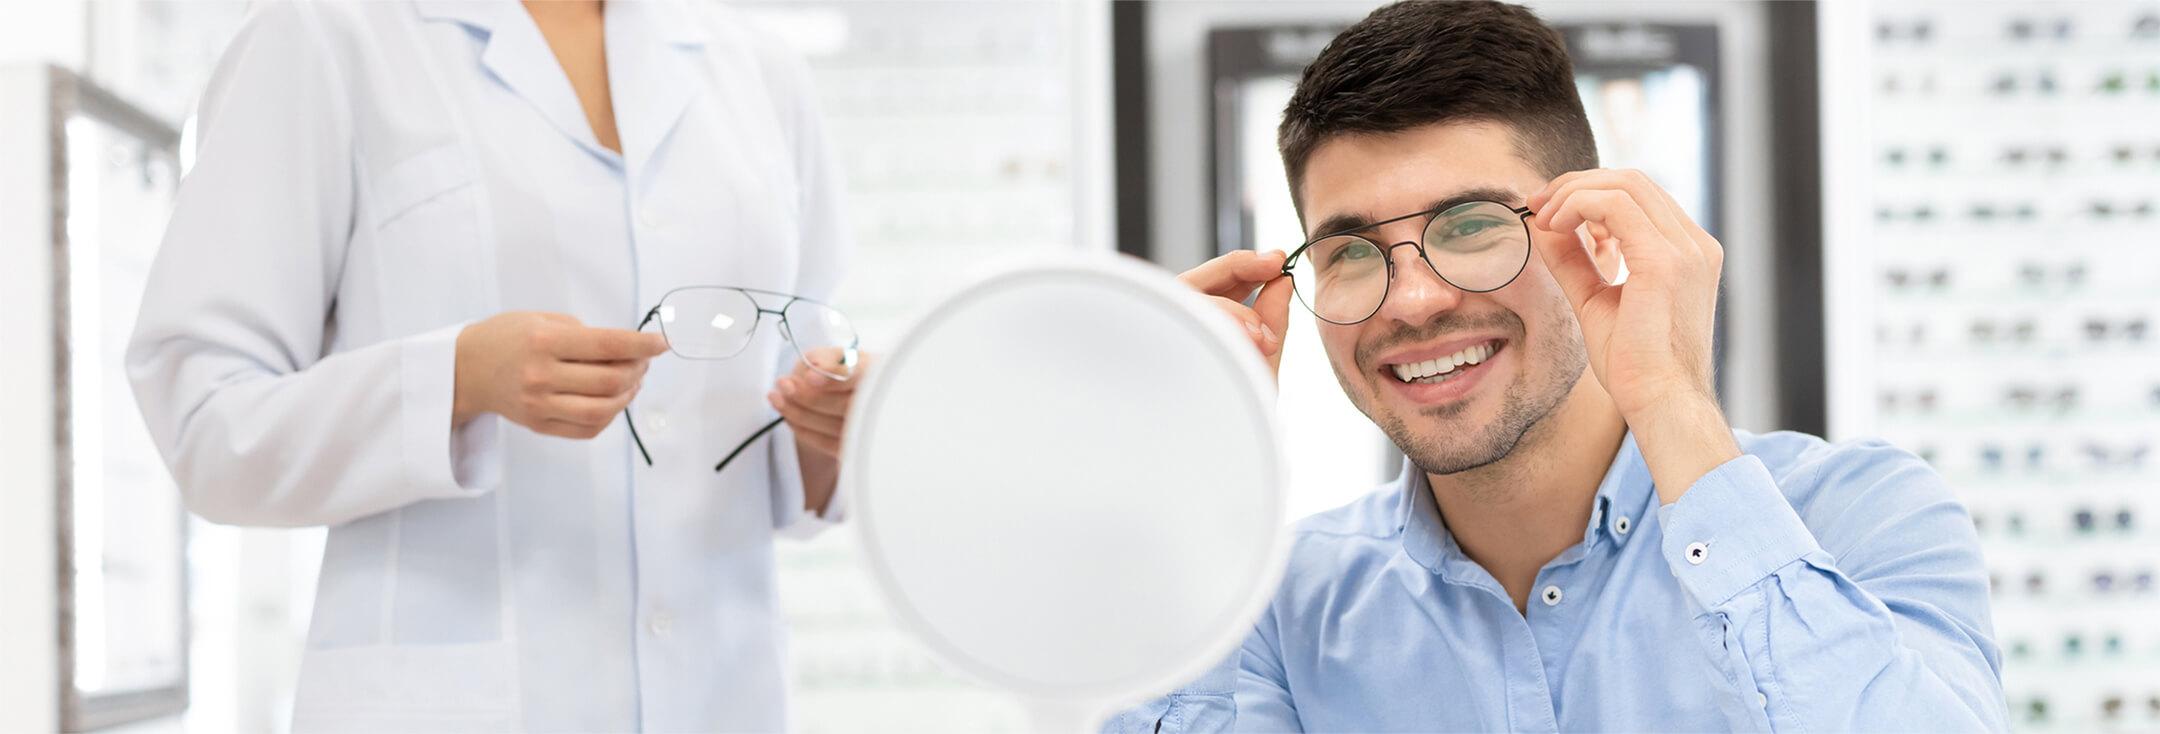 Les soins optiques